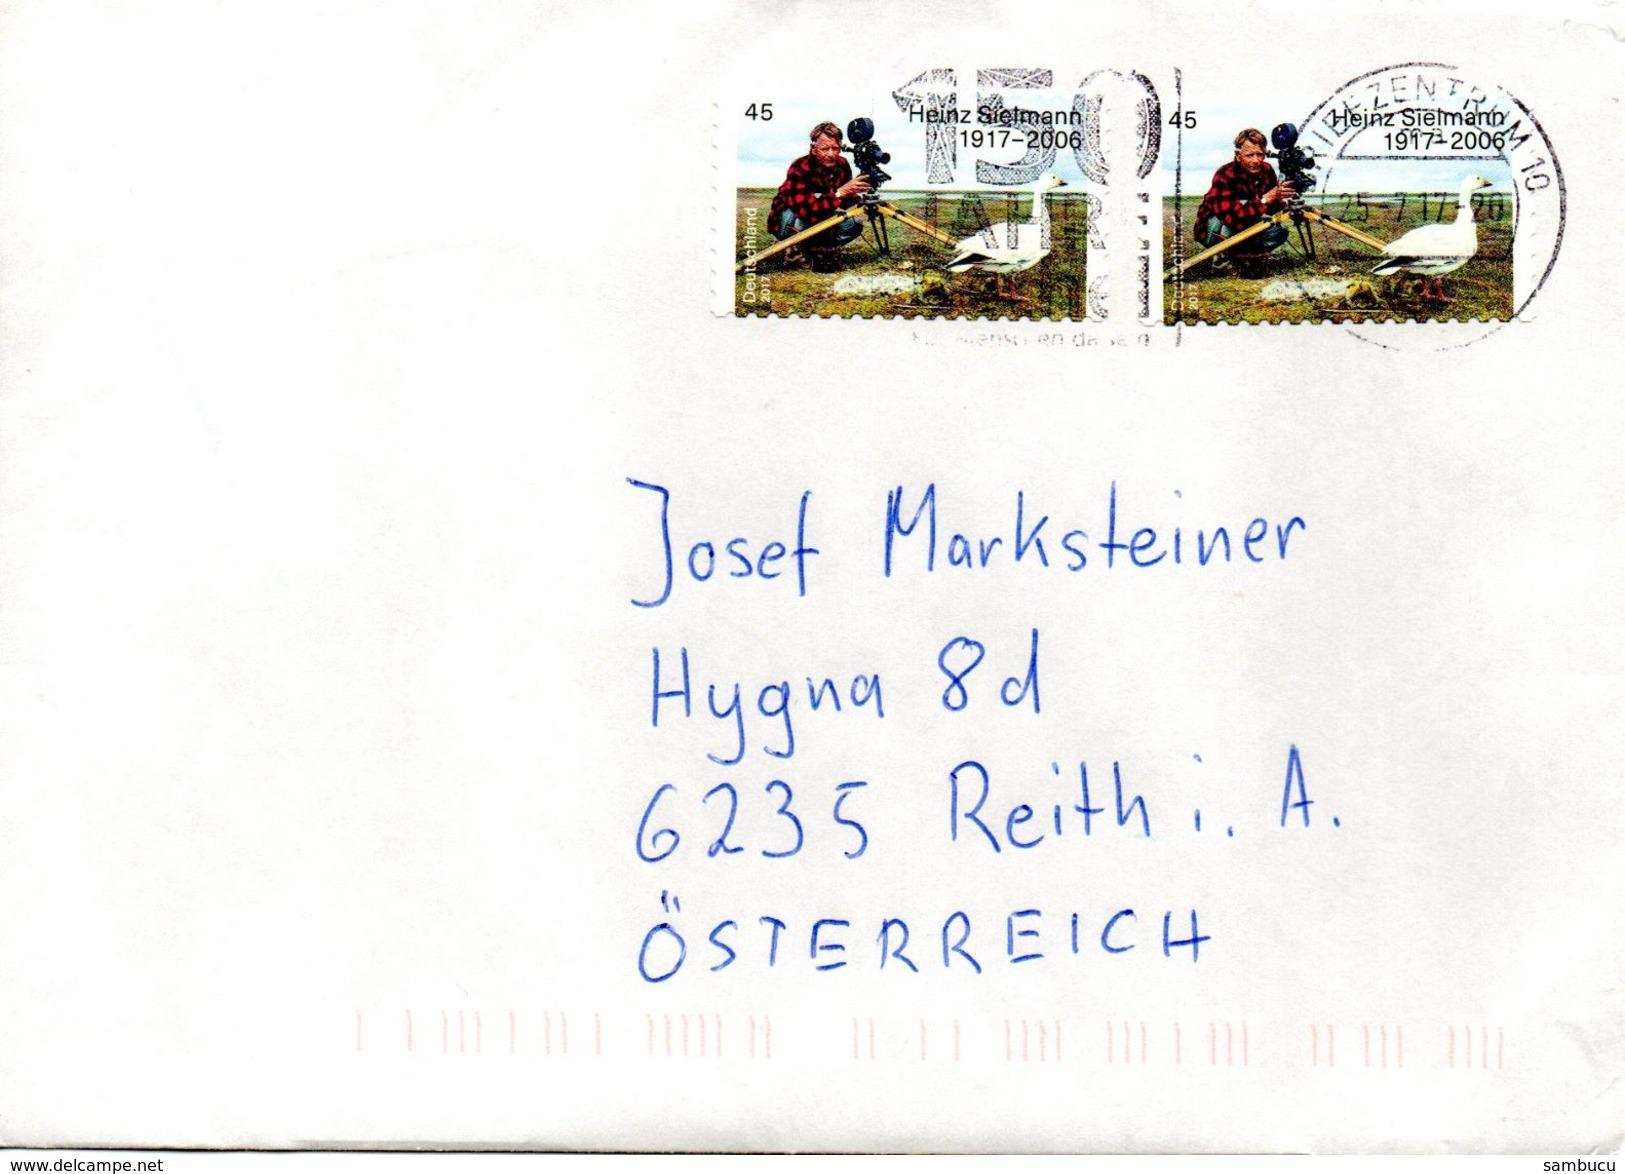 Auslands - Brief Von Briefzentrum 10 Mit 2x 45 Cent Heinz Sielmann + 150 Jahre Bethel 2017 - BRD